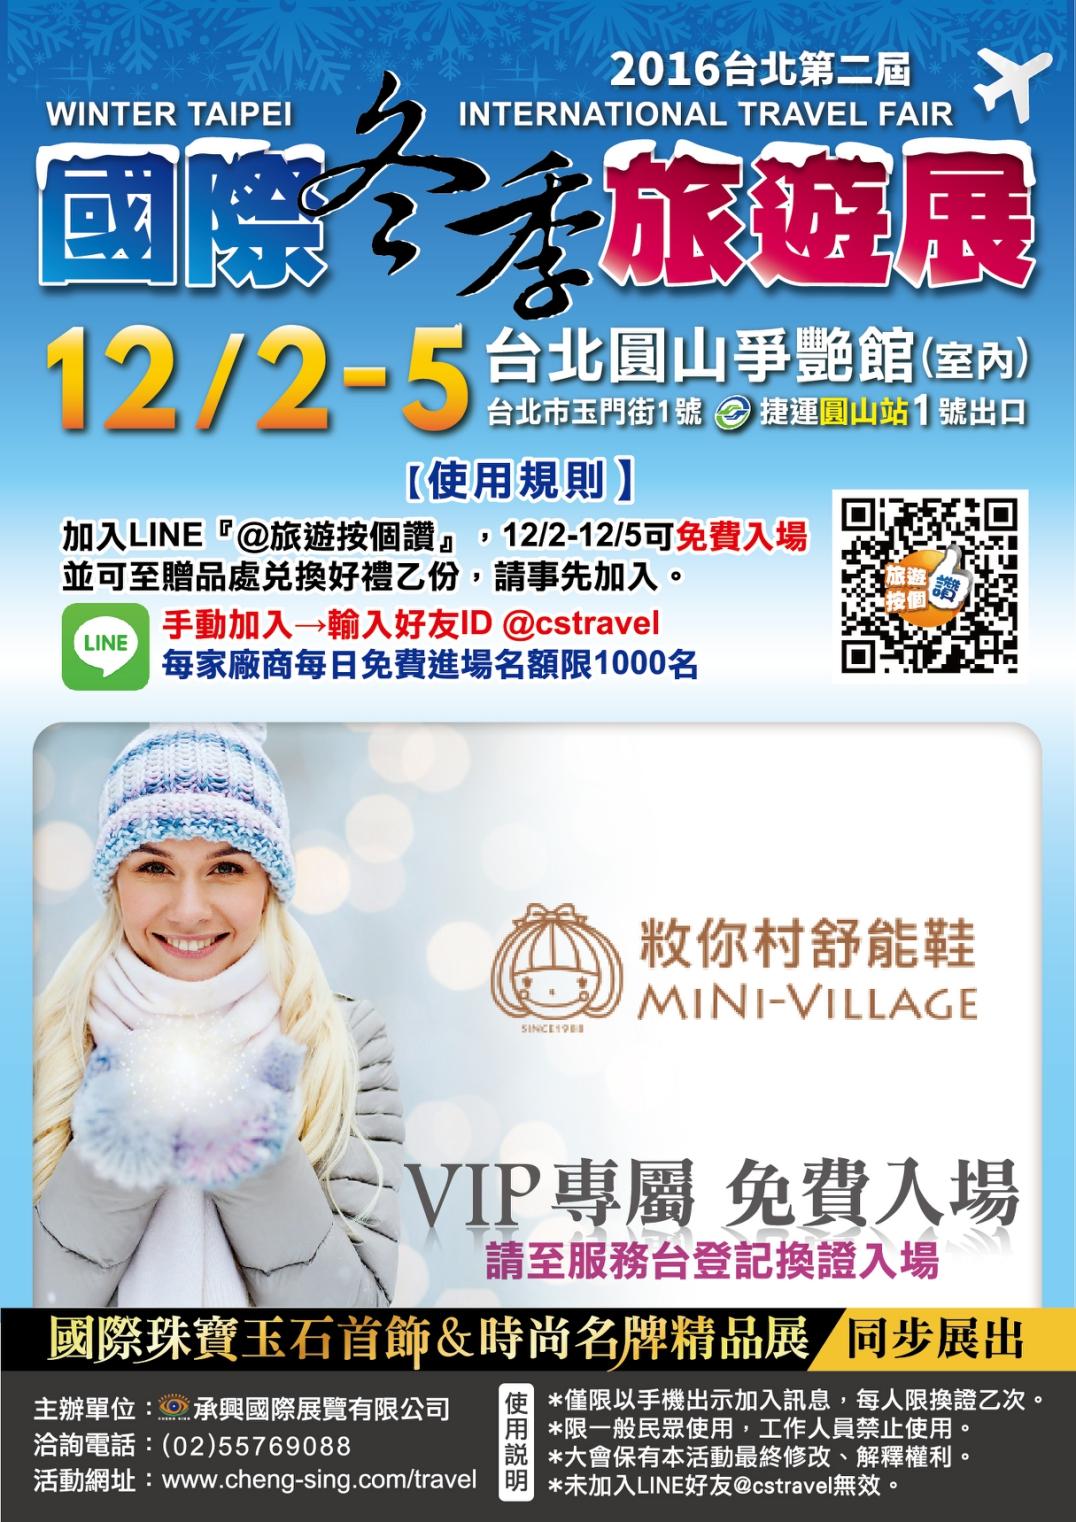 廠商VIP旅_蒾你村-01.jpg